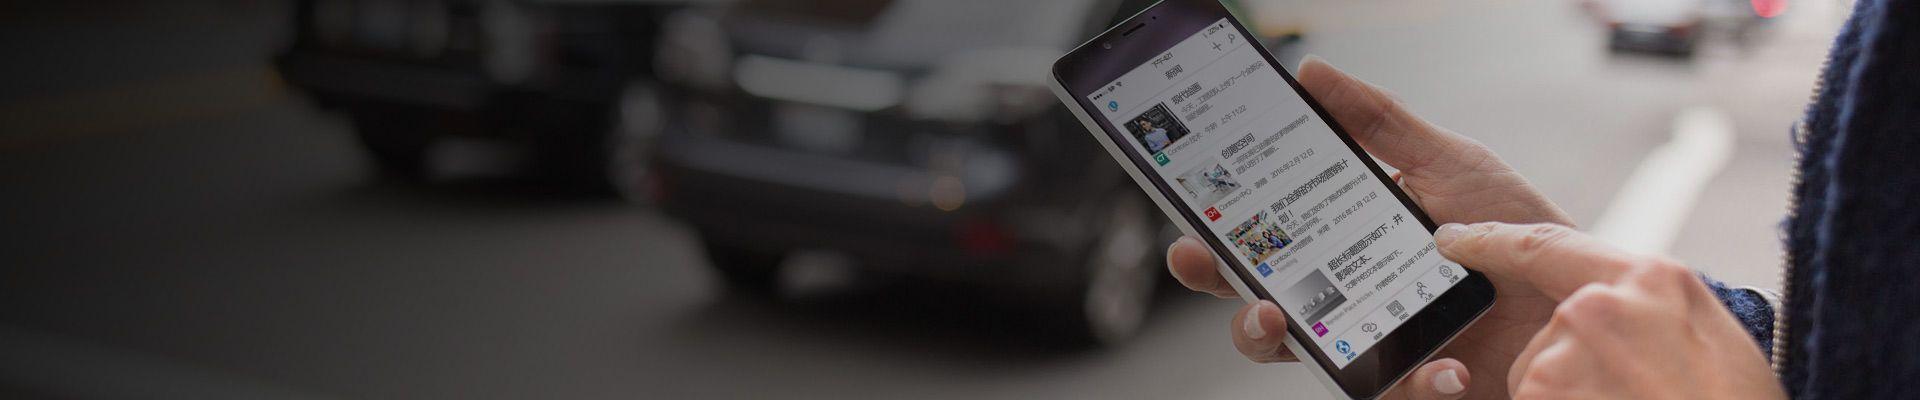 显示 SharePoint 网站资讯的智能手机